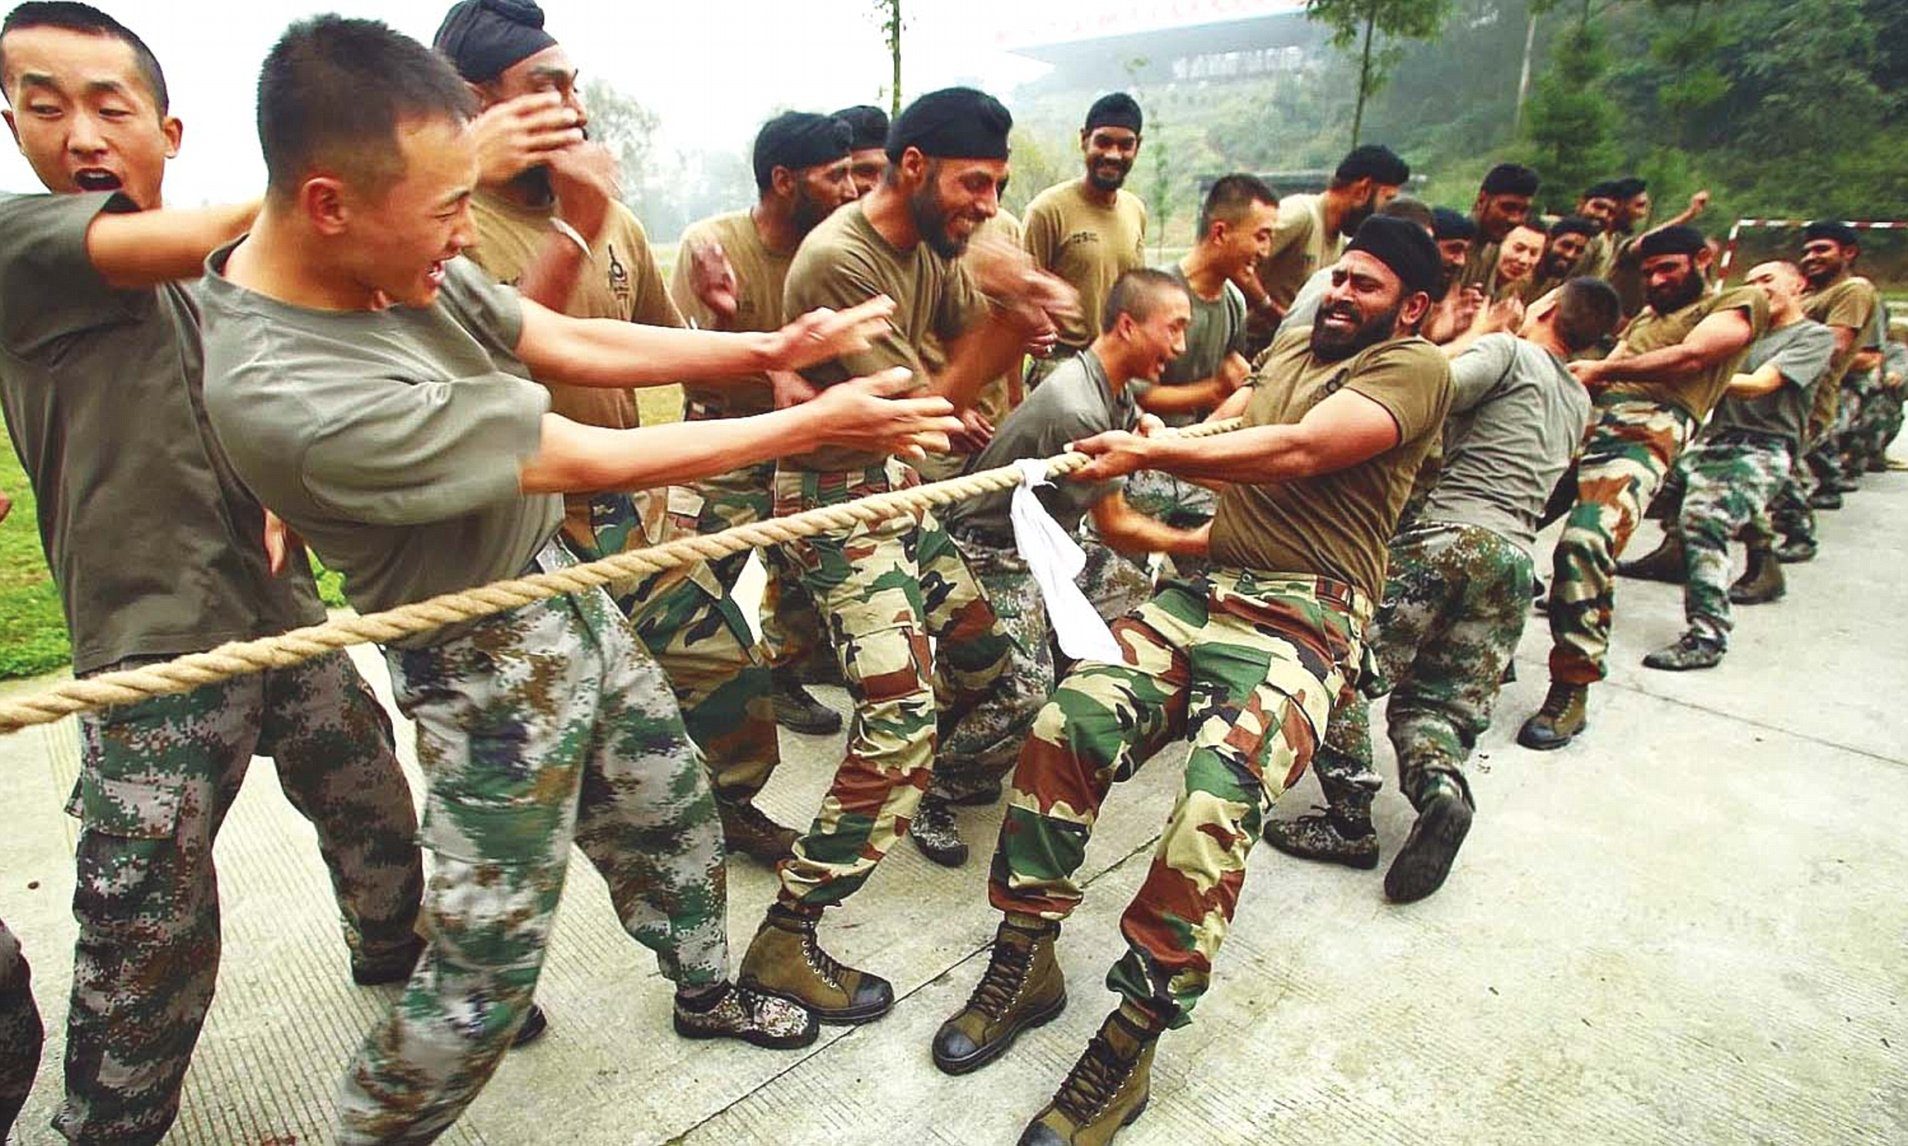 भारत र चीनका सेनाबीच लद्दाखमा धक्कामुक्की